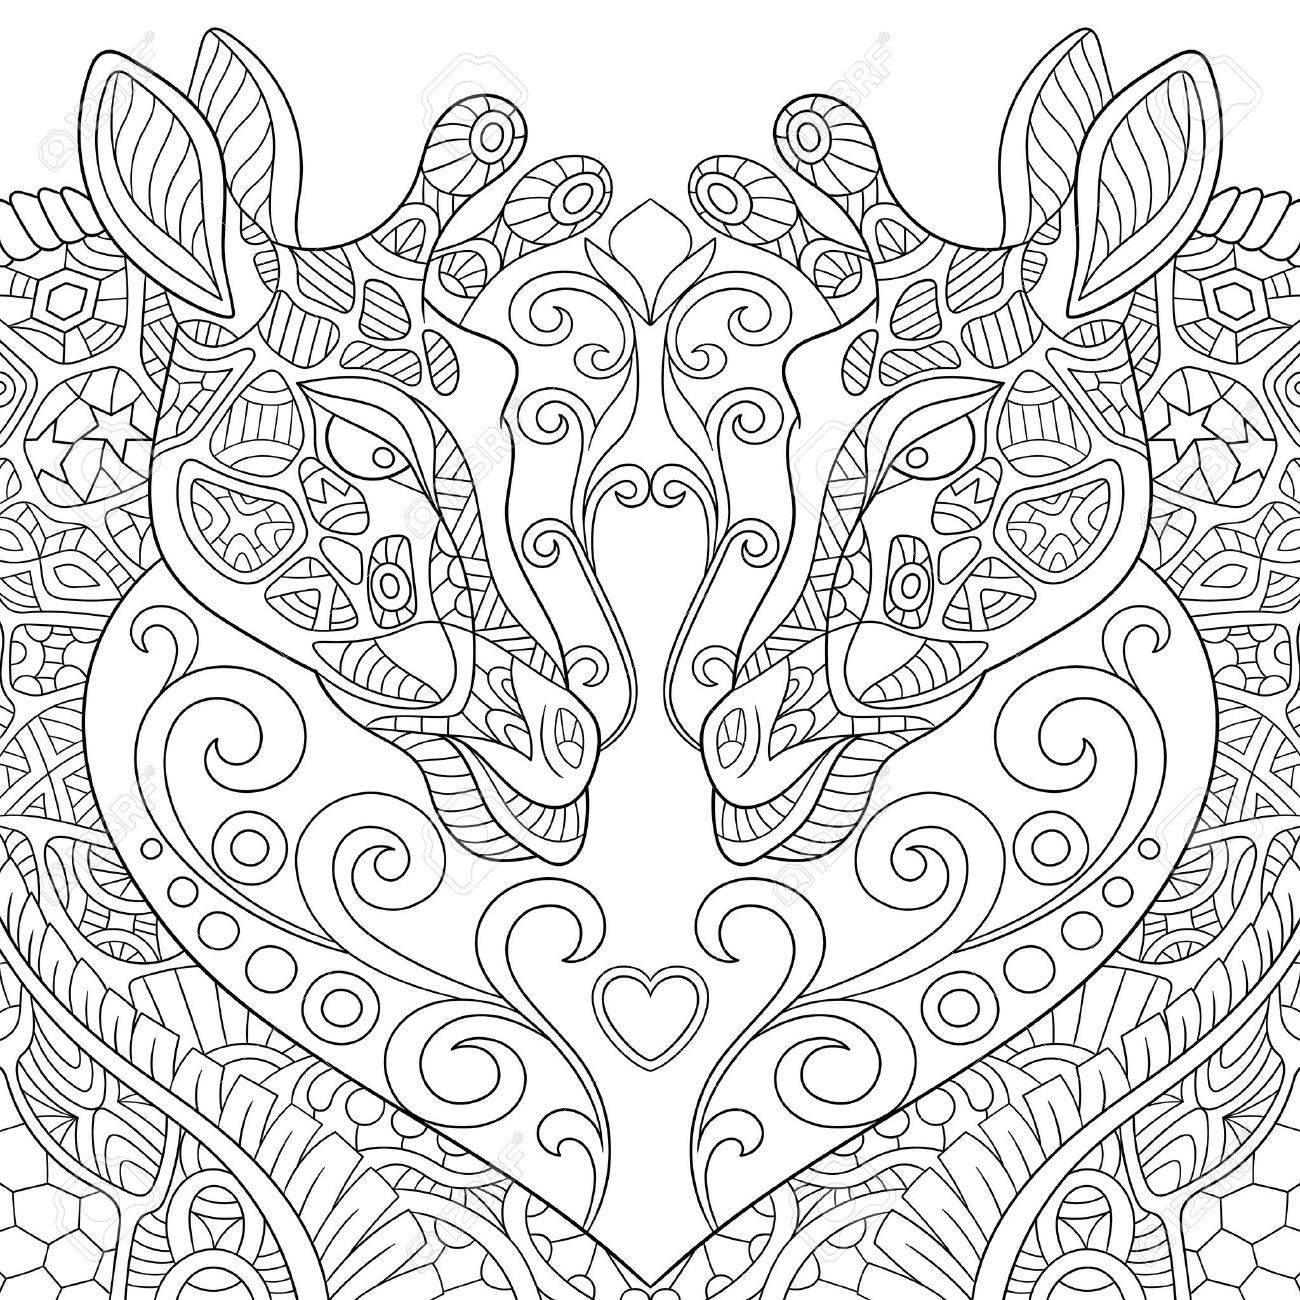 Terapia De Color Libro Para Colorear relajarse con colores Adulto 1 patrones florales animales